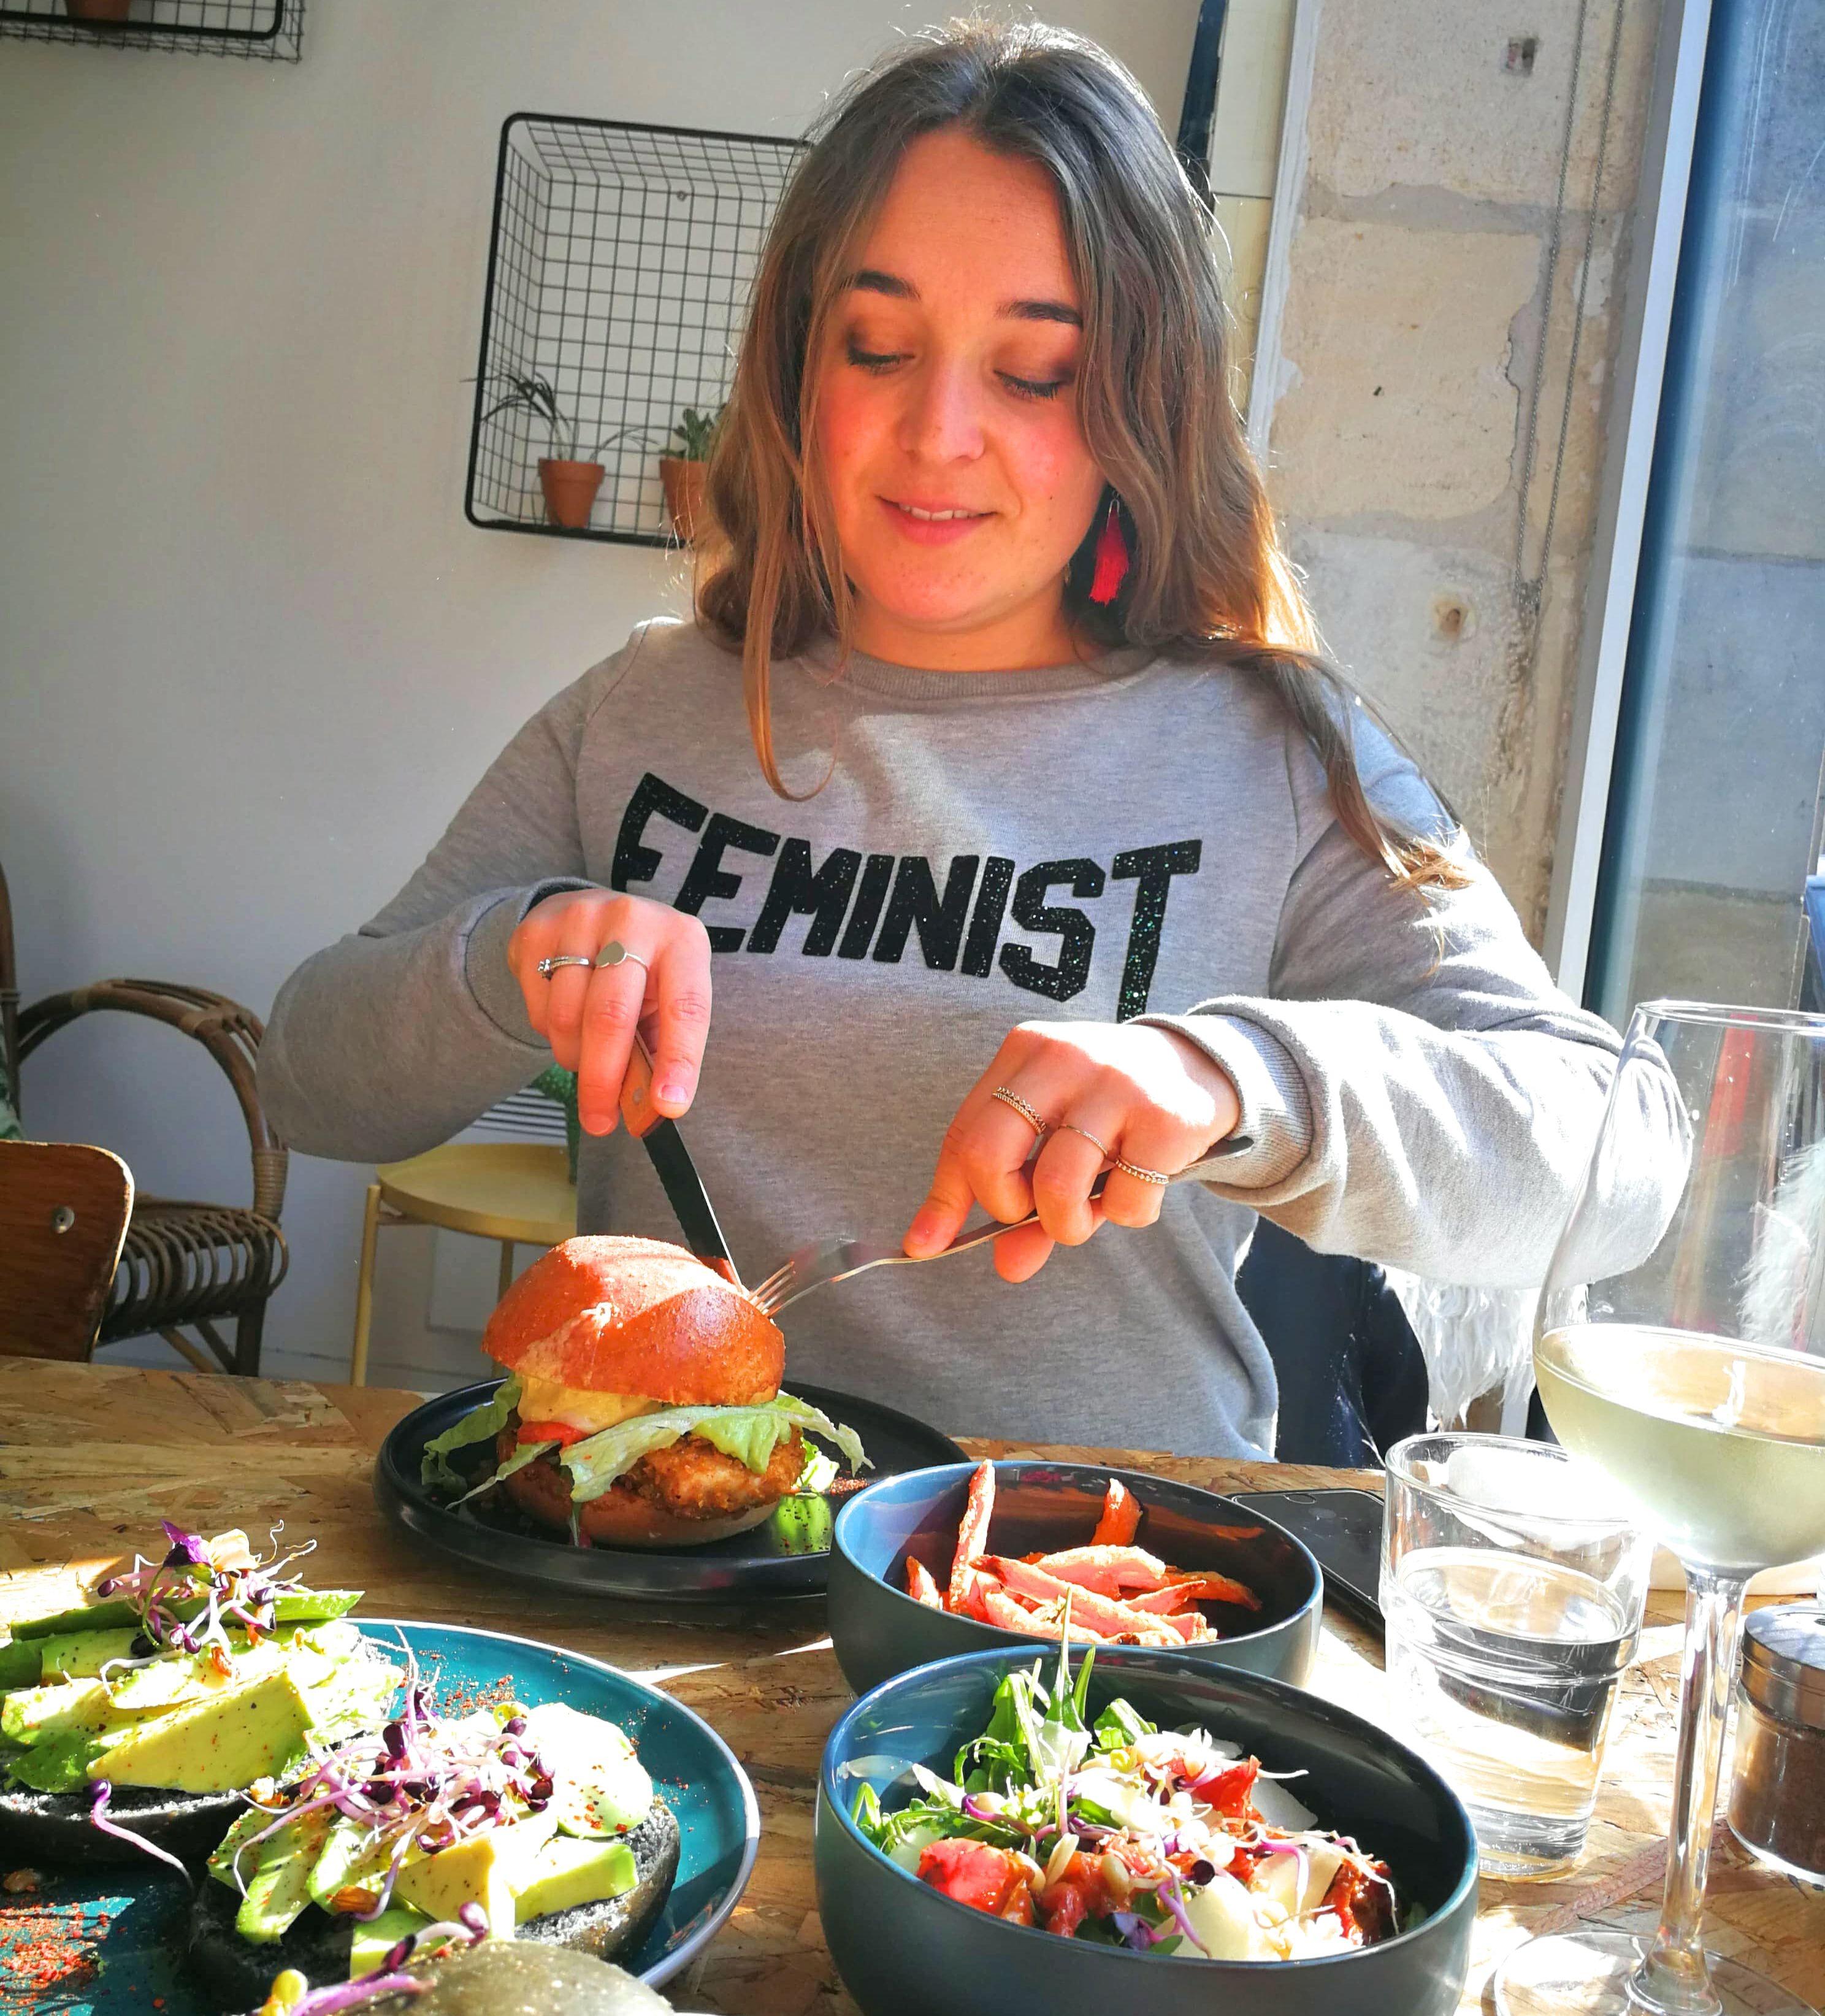 Les sauvages burgers maison avocado toast et brunch for Les chambres de camille bordeaux